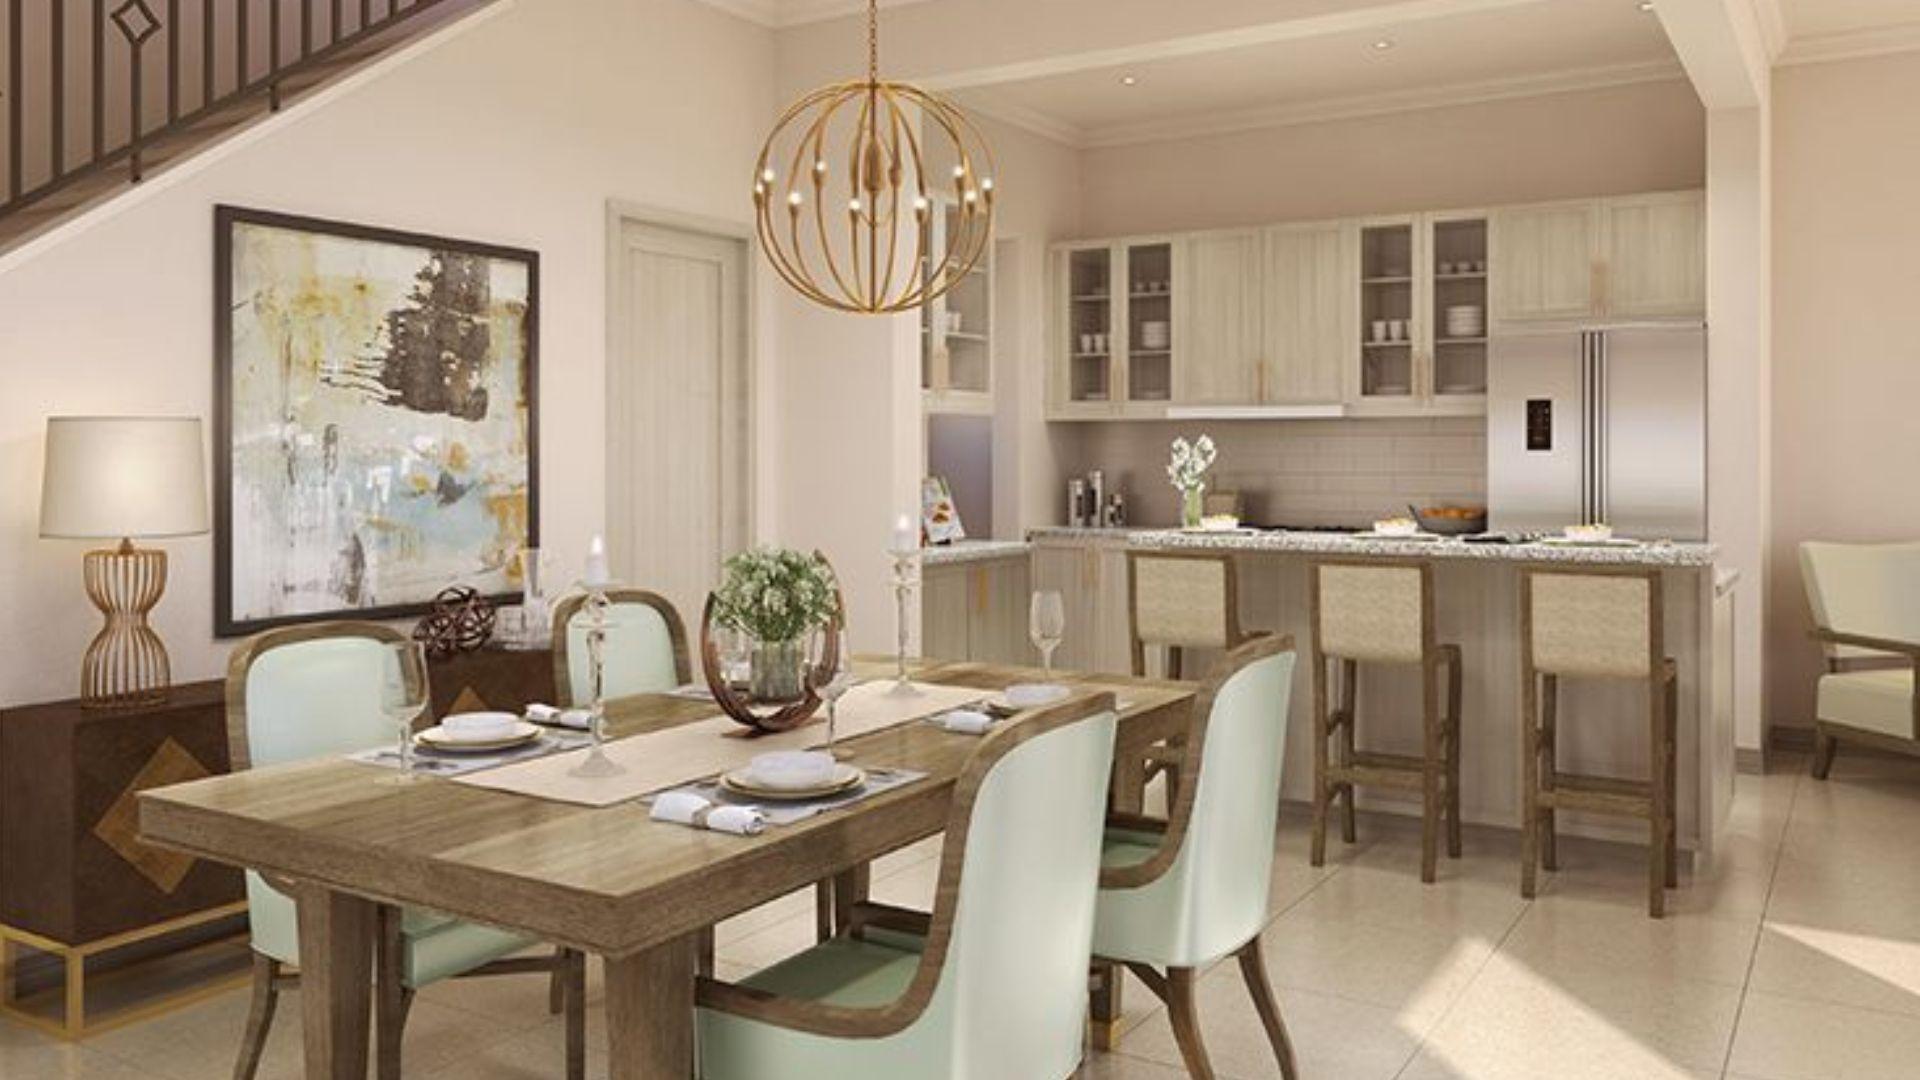 Adosado en venta en Dubai, EAU, 4 dormitorios, 271 m2, № 24307 – foto 3